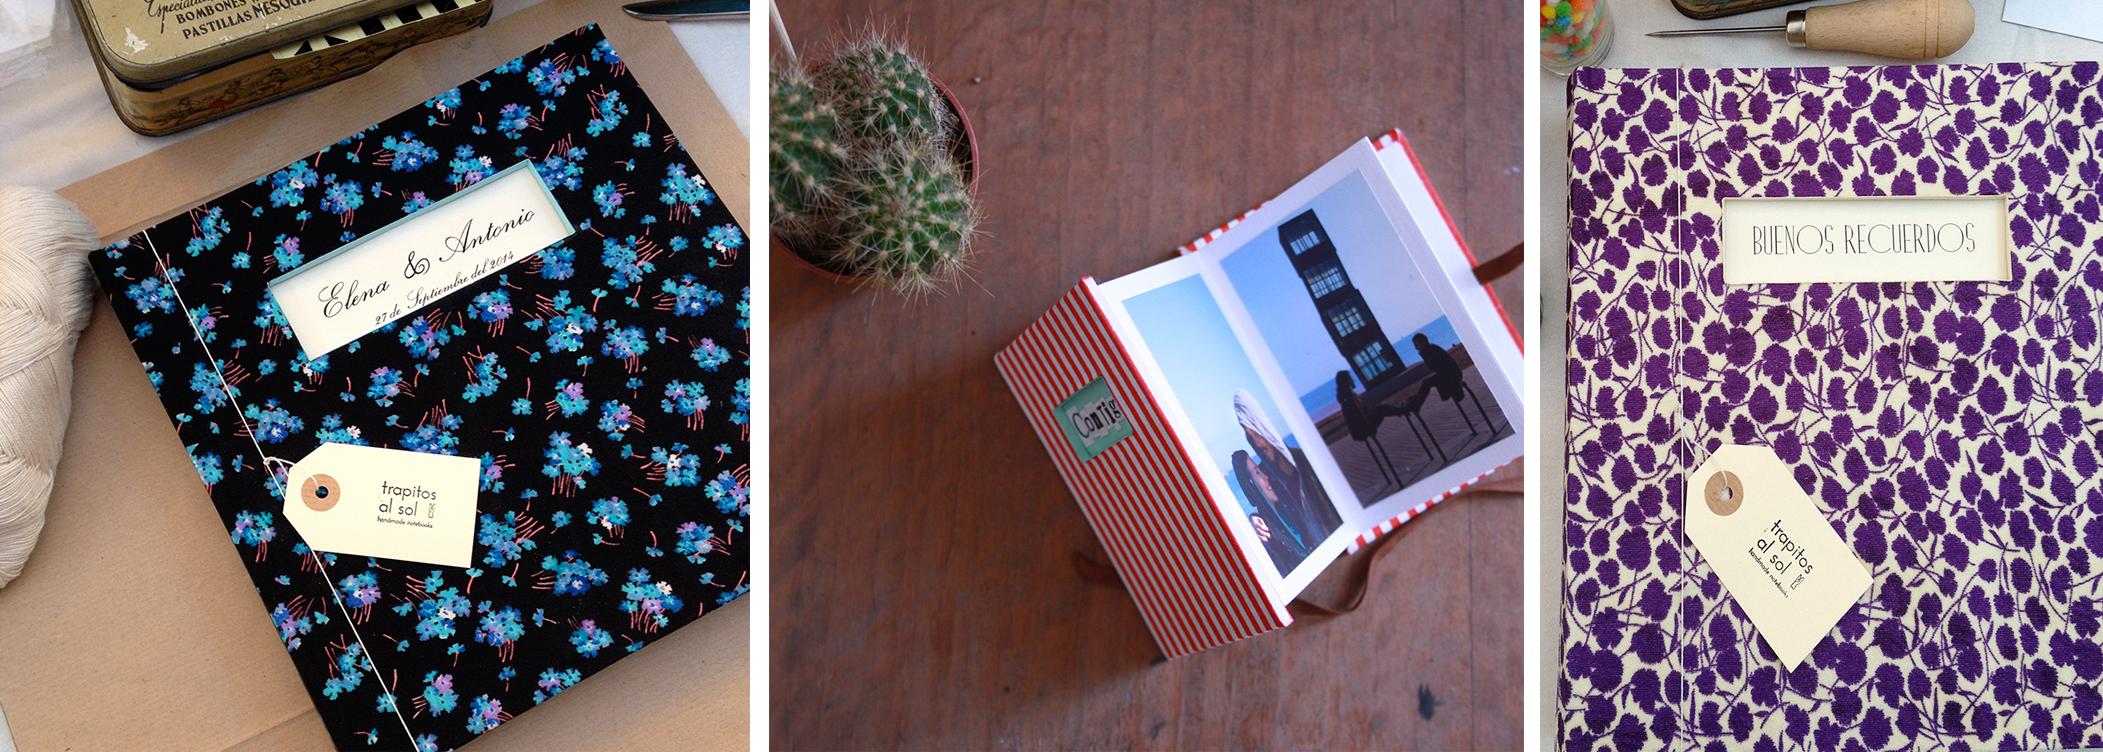 Quaderns i àlbums de fotos de Trapitos al sol folrats amb peces de vestir antigues.